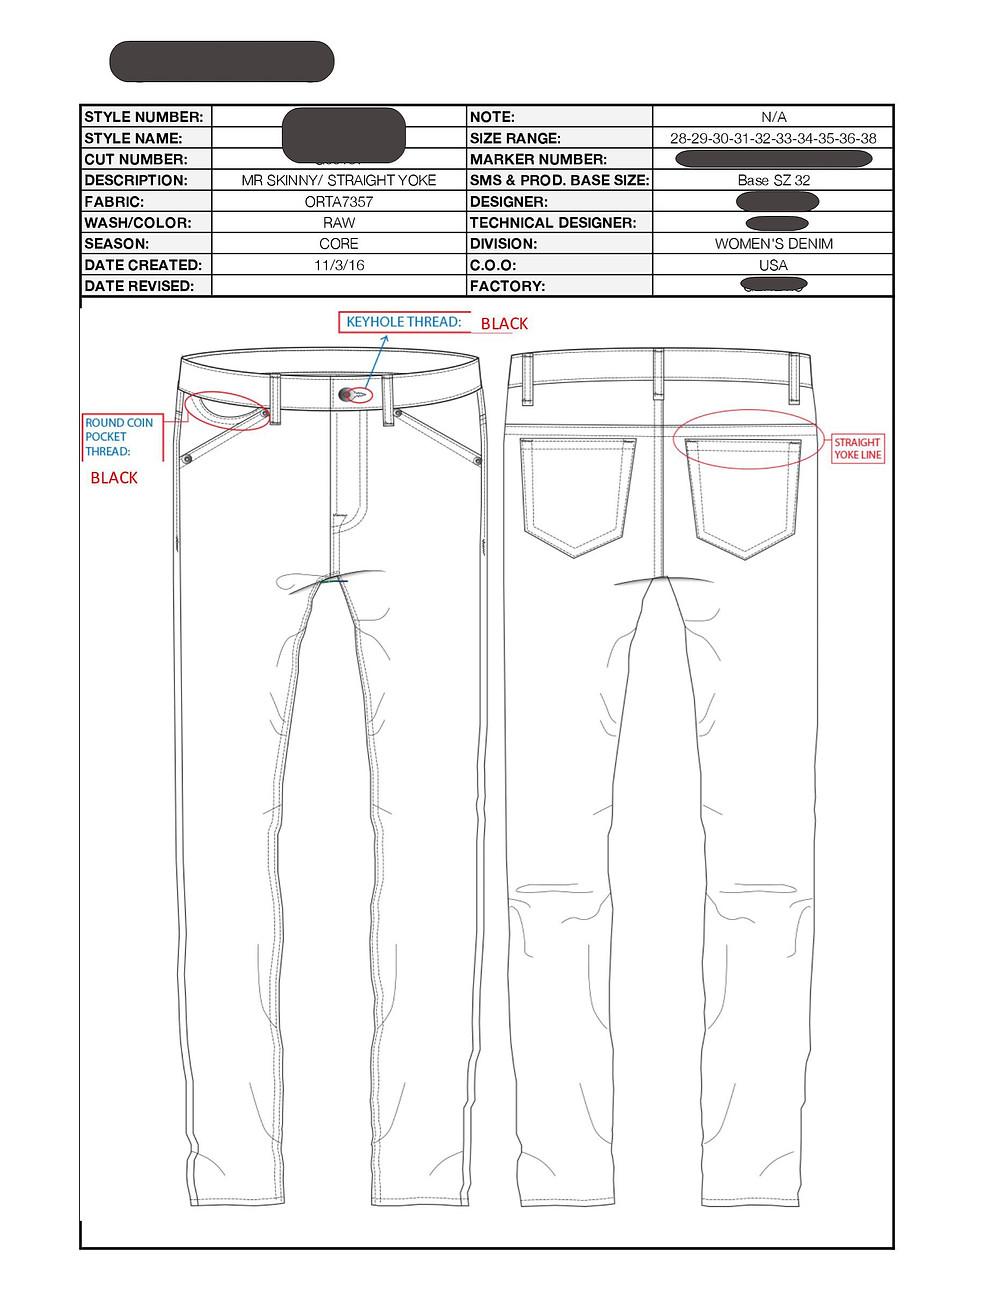 Men's jeans tech pack with rim placement details